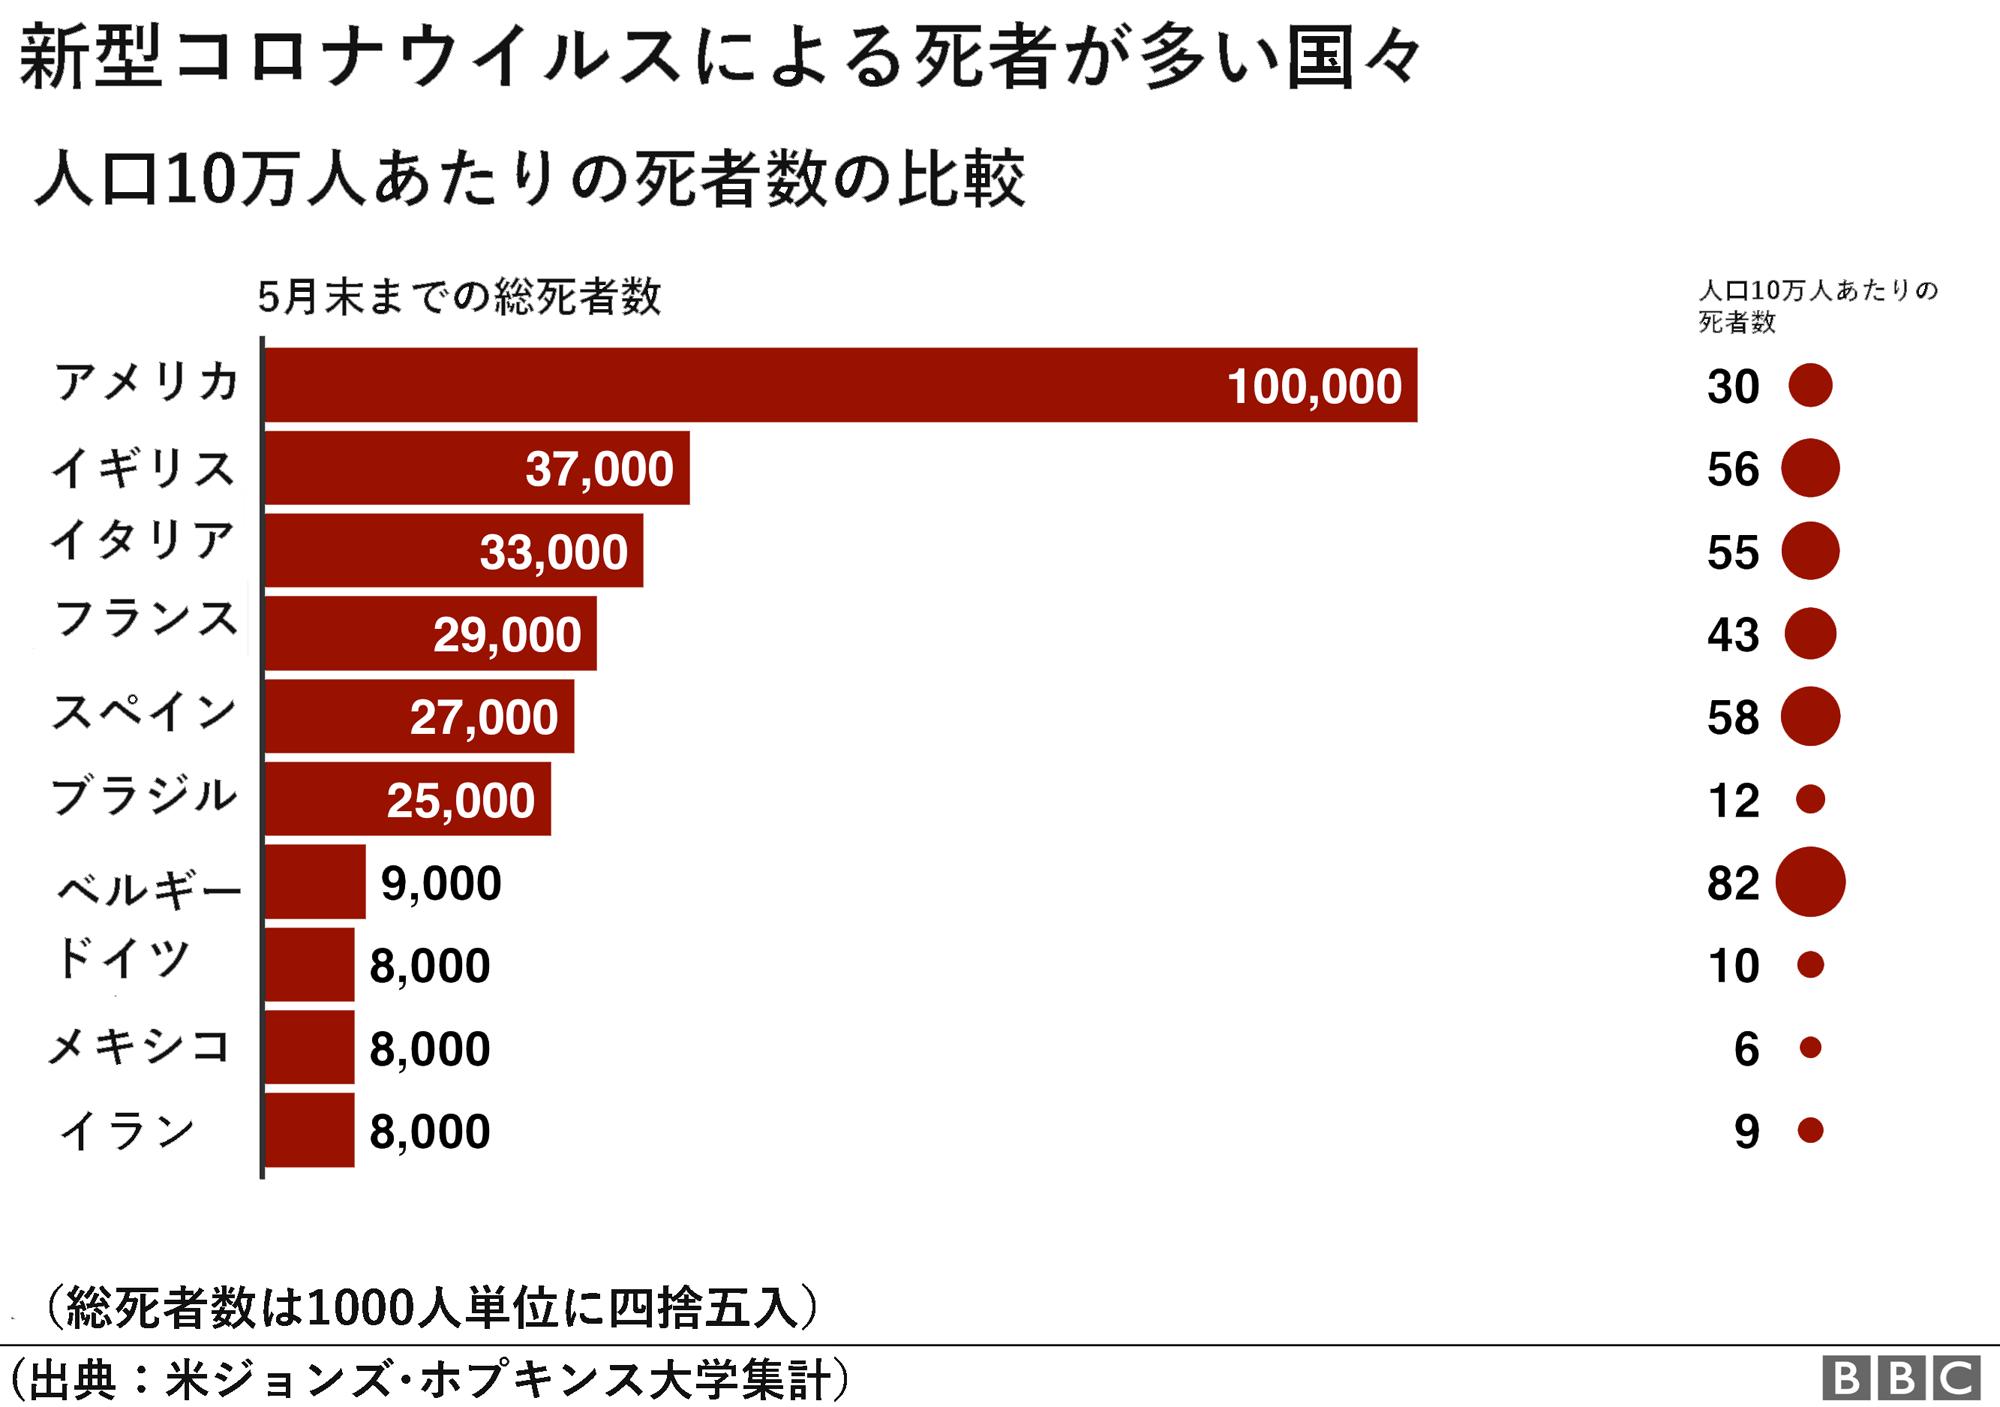 死者 コロナ 日本